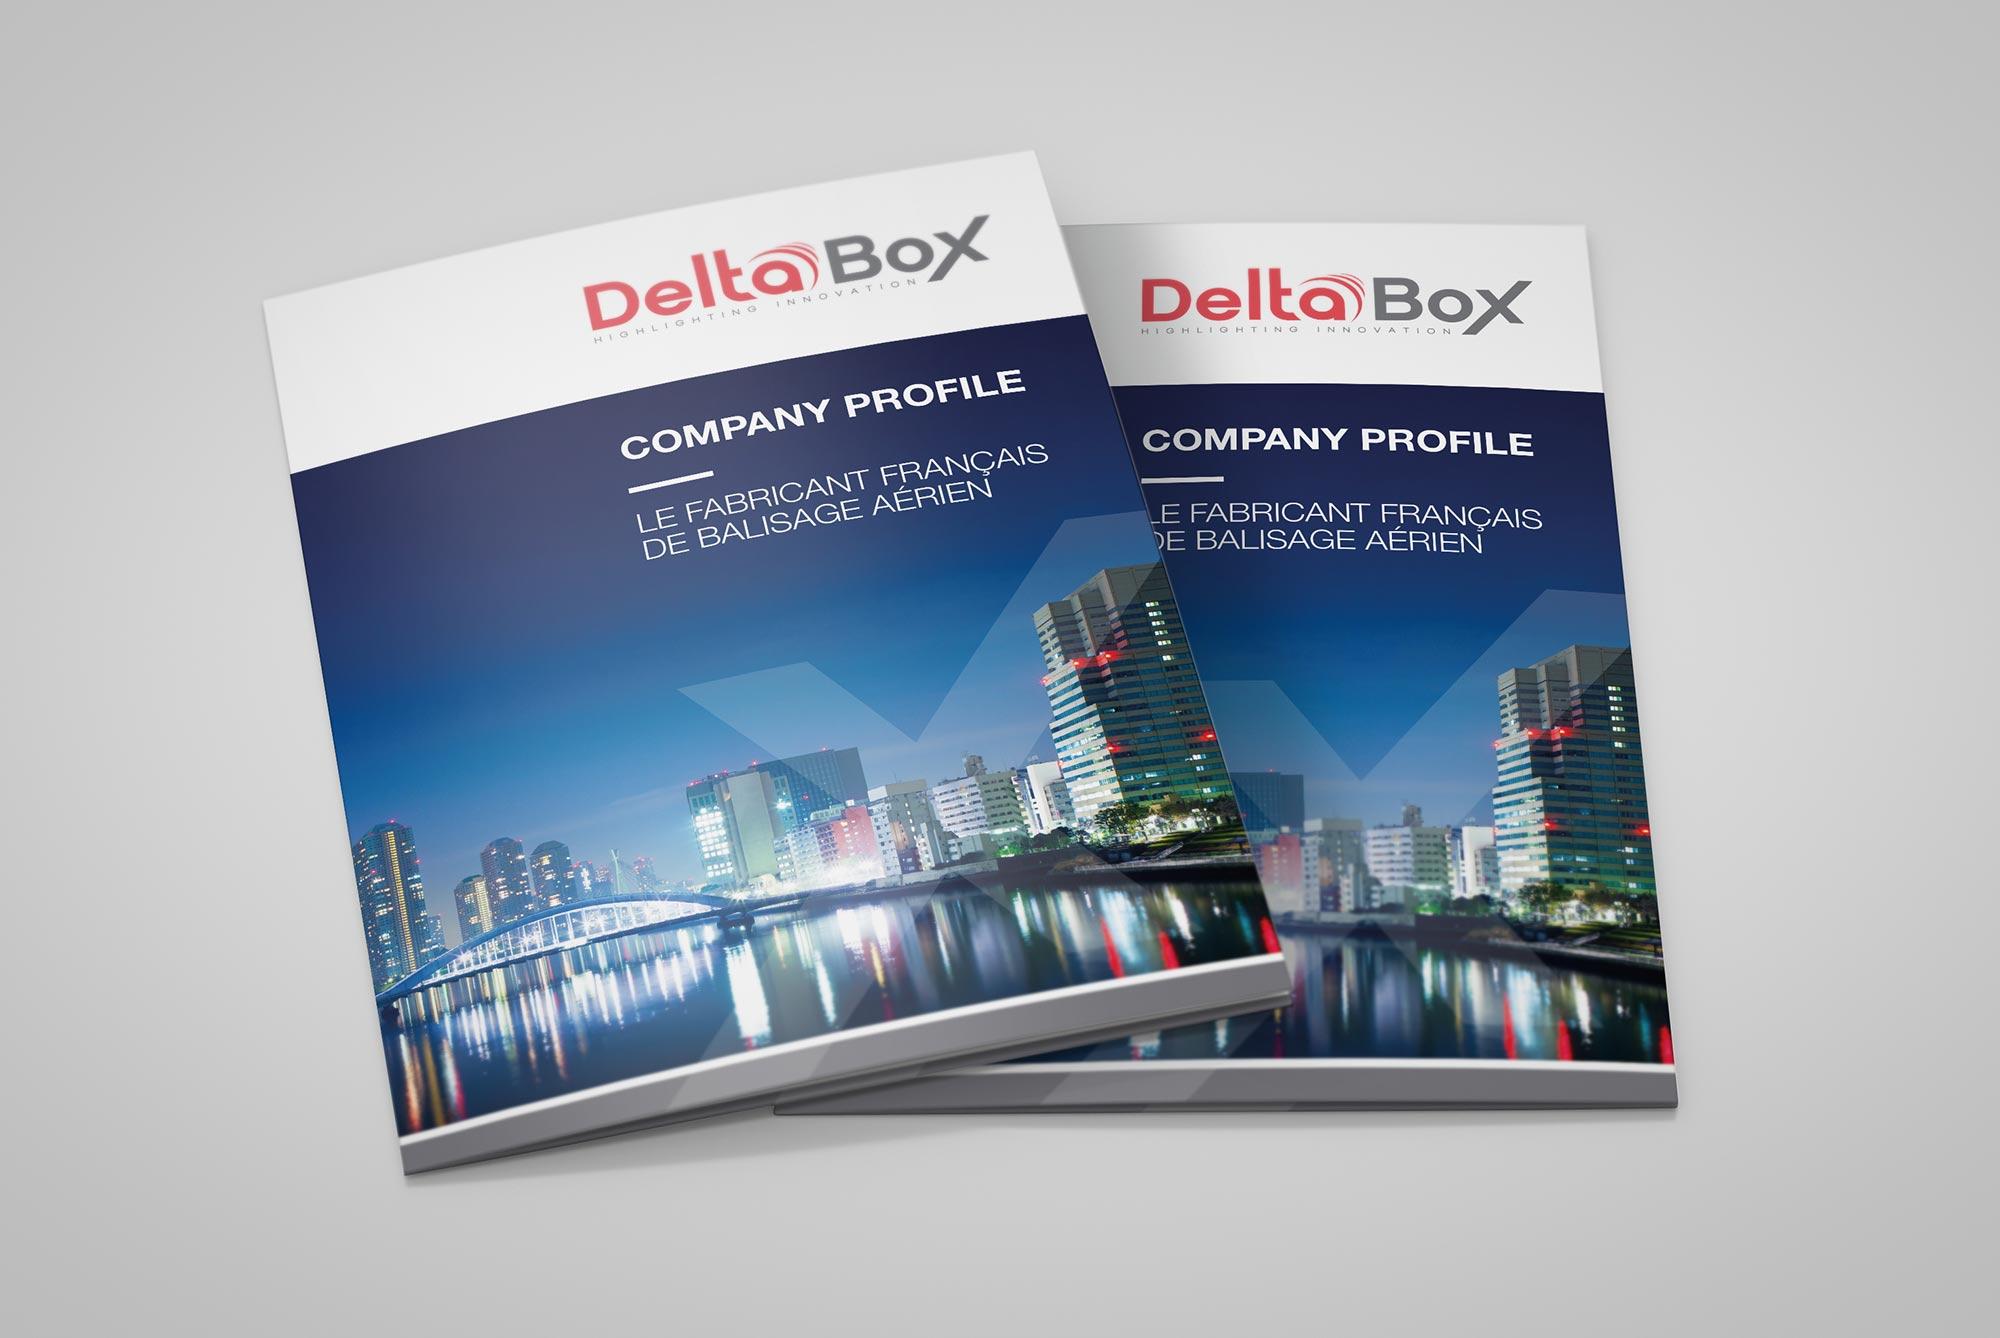 ikadia_deltabox_fond6.jpg